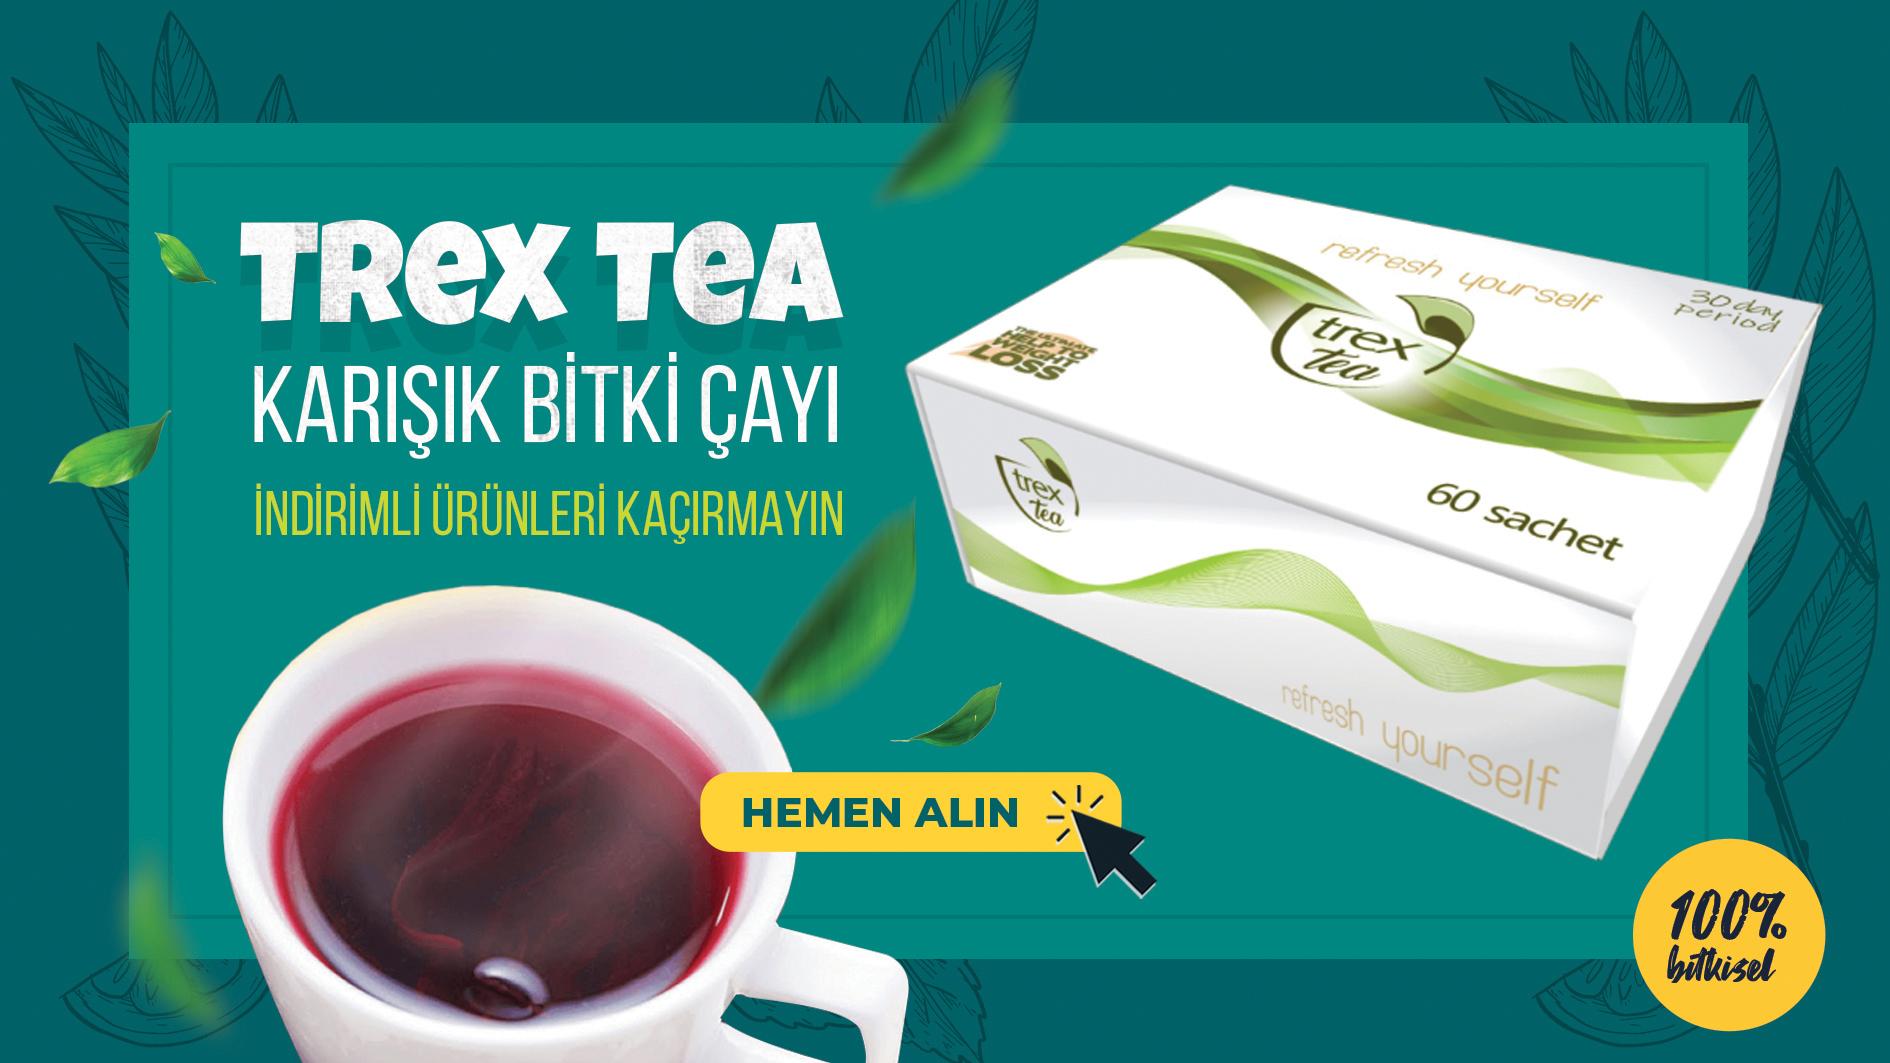 Trex Tea Karışık Bitki Çayı